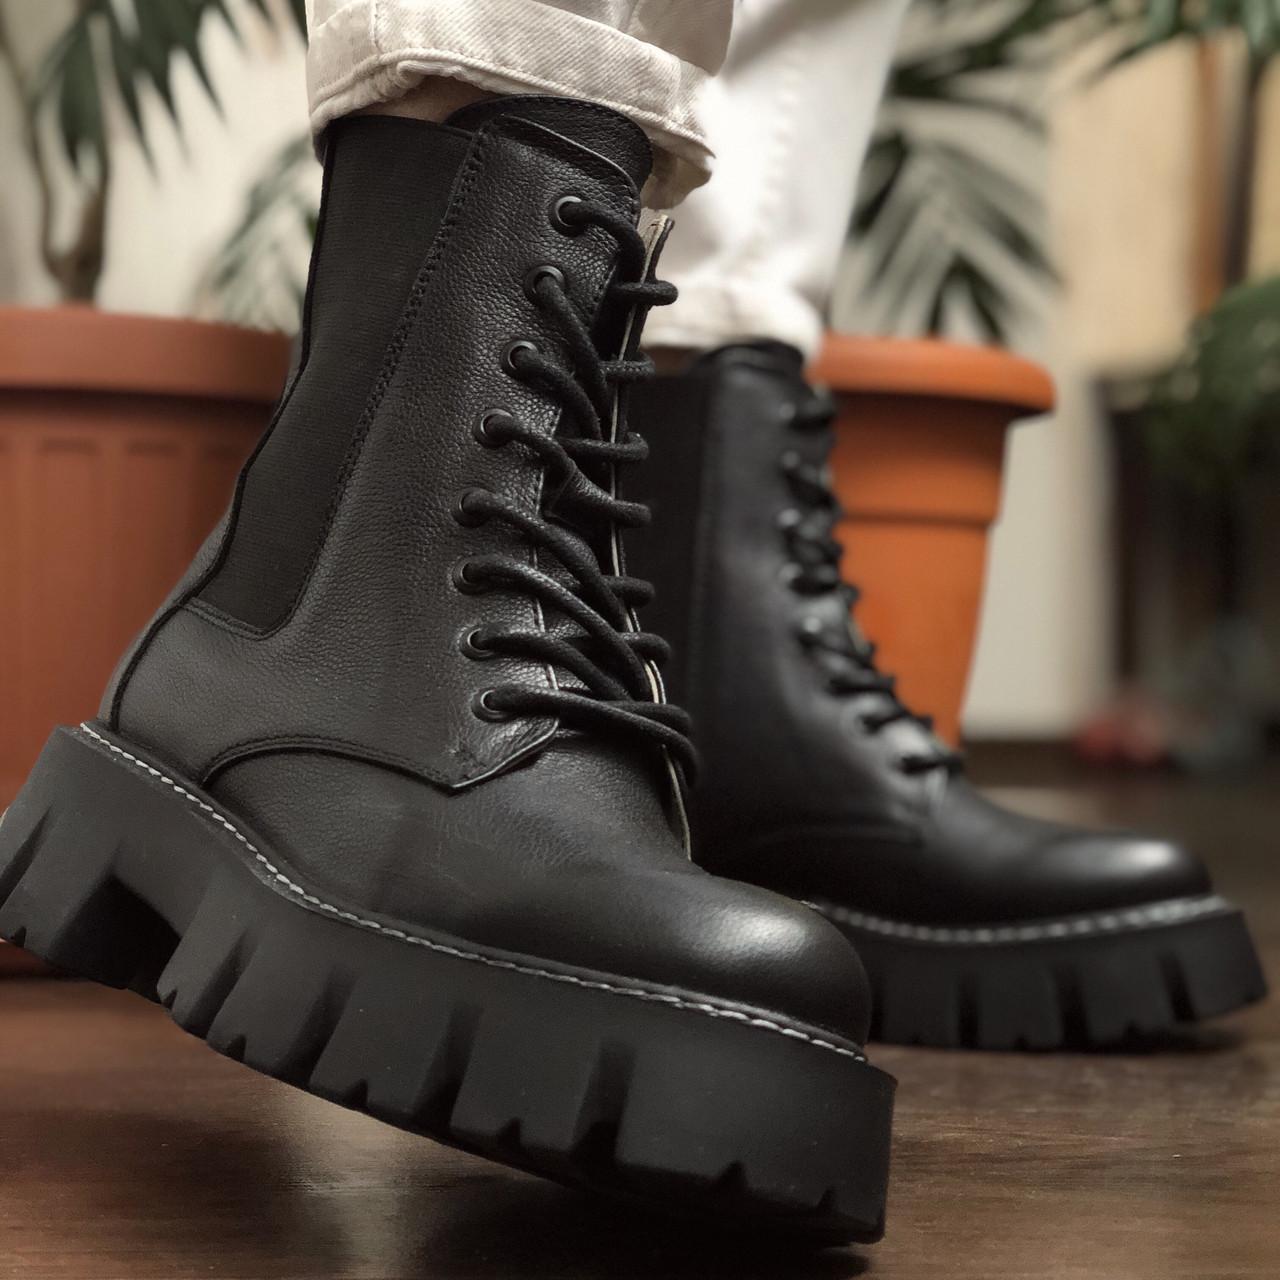 Жіночі черевики високі базові HBM Chelsey, чорний, натуральна шкіра, всередині шкіра+хутро+байка, 40 розмір